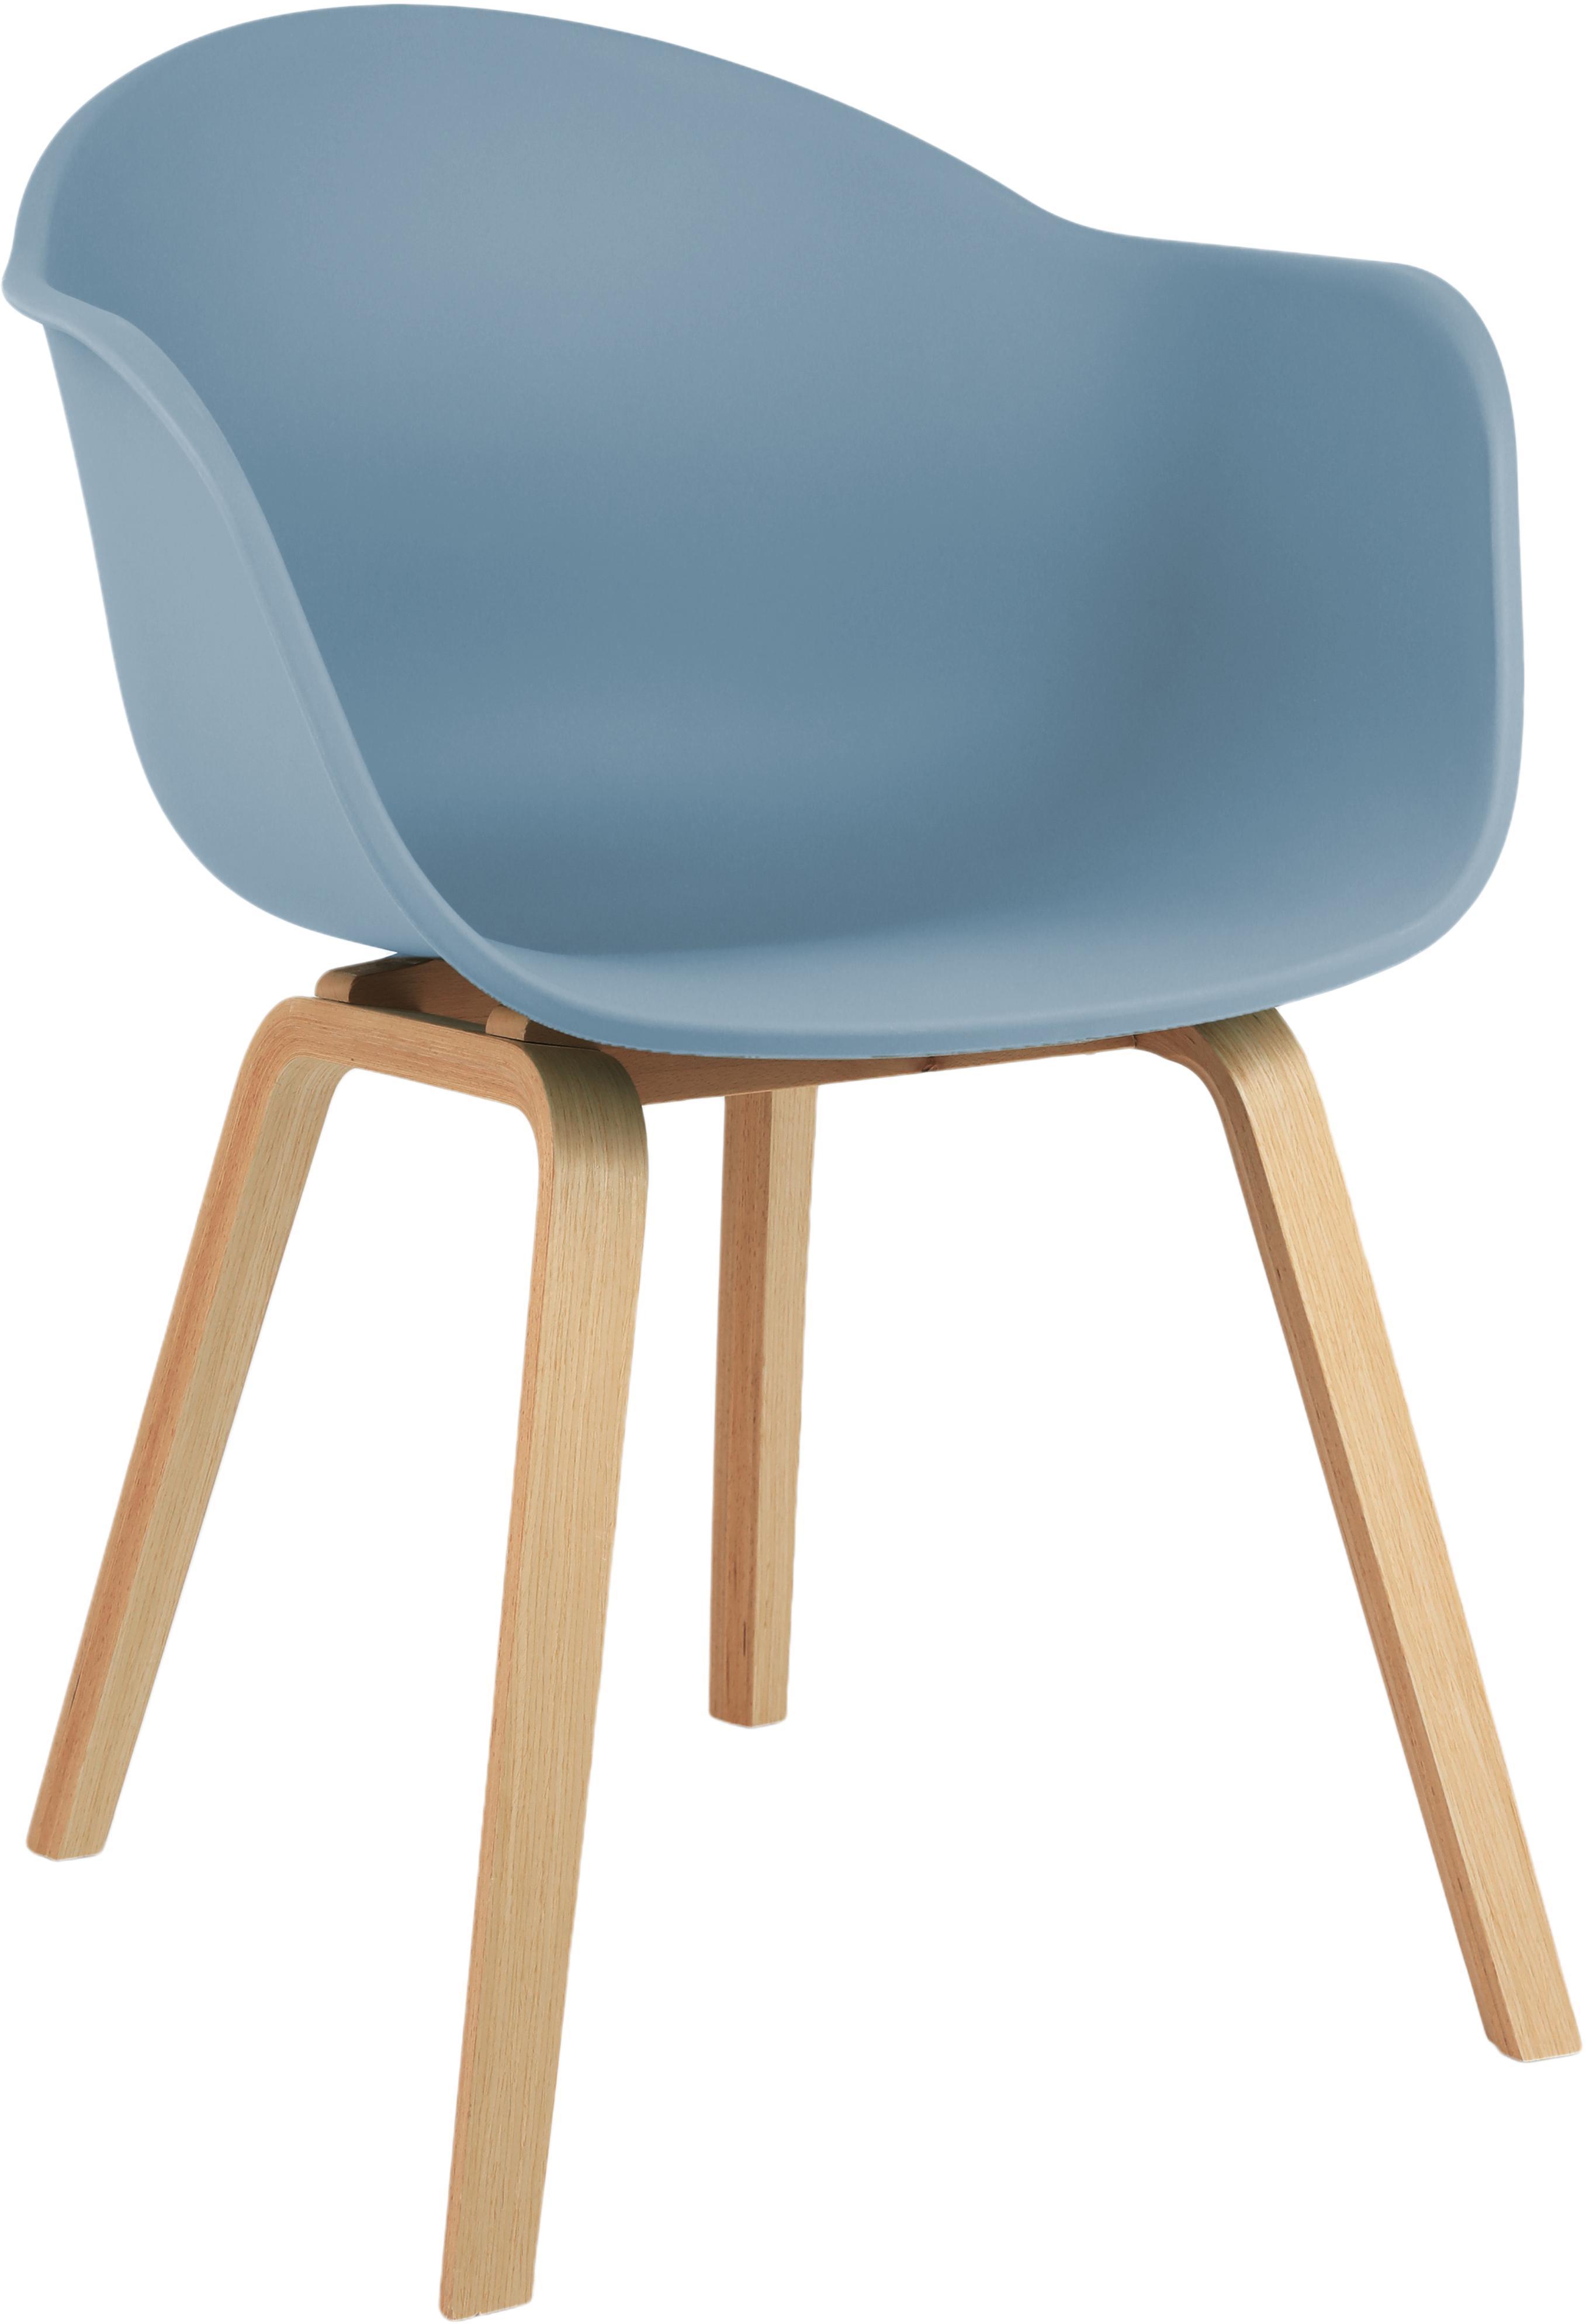 Silla con reposabrazos Claire, Asiento: plástico, Patas: madera de haya, Asiento: azul Patas: madera de haya, An 61 x F 58 cm